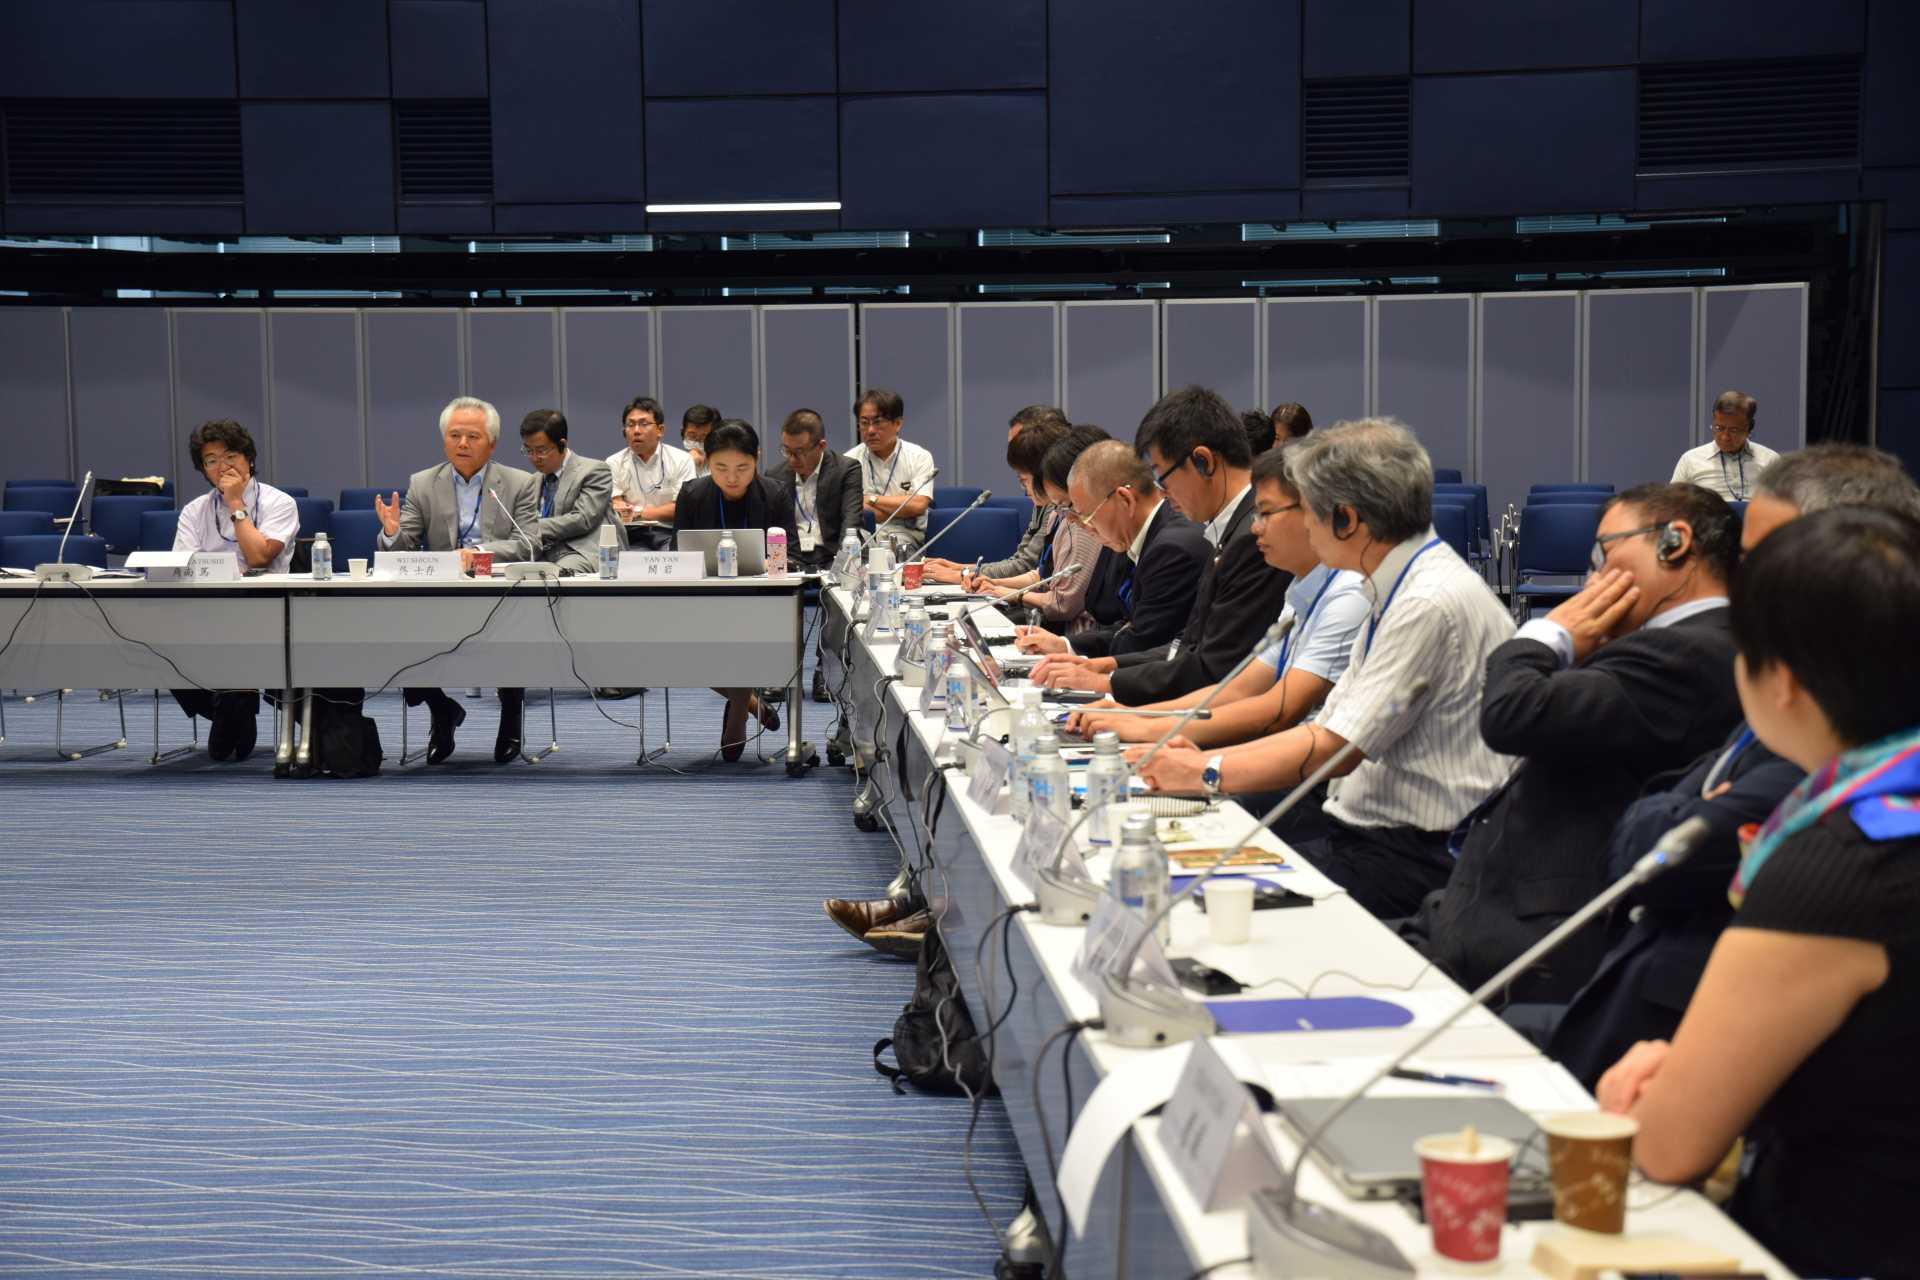 日中海洋対話会議では、さまざまなテーマをめぐり活発な議論が行われた